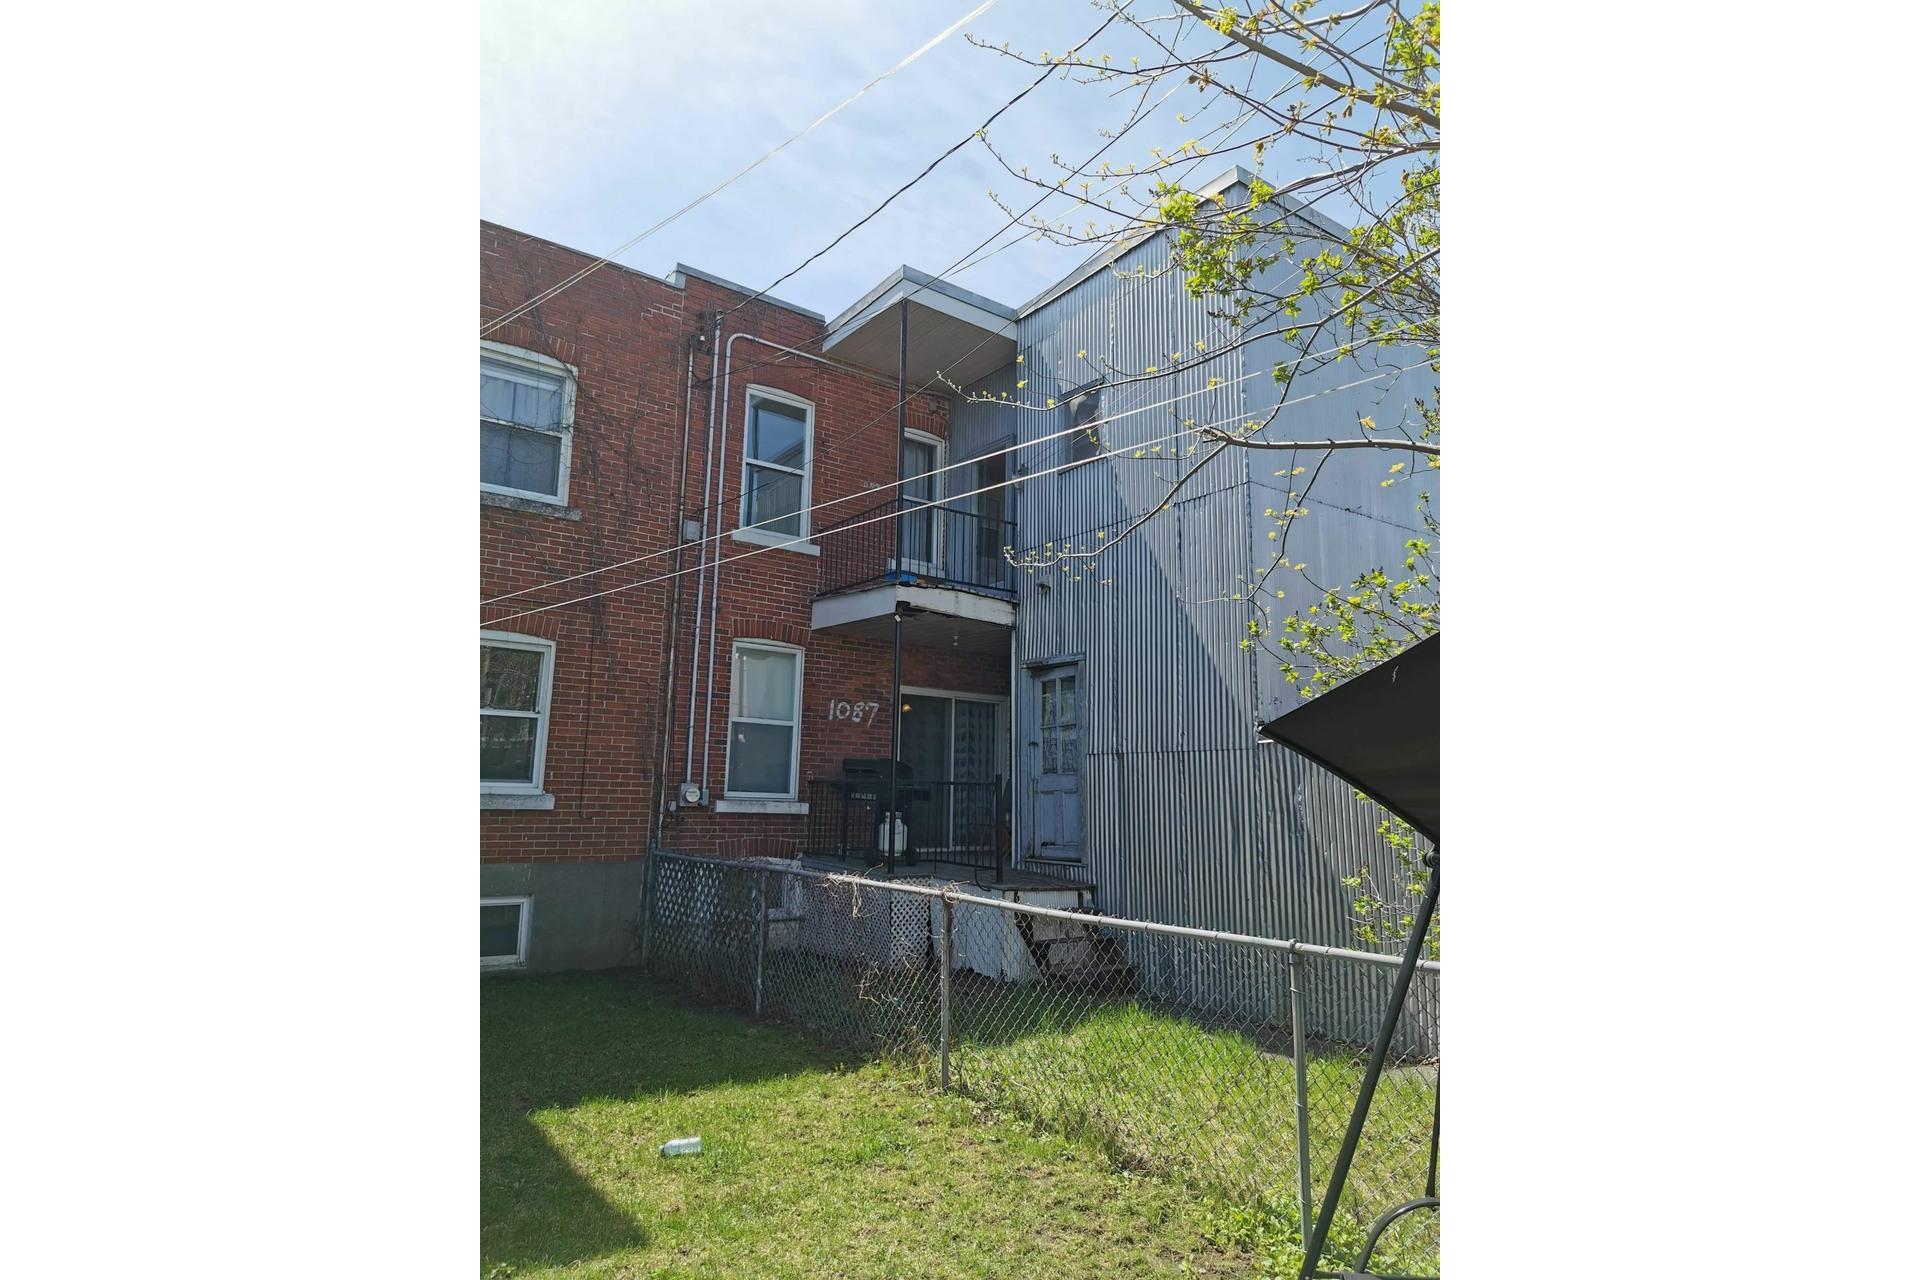 image 7 - Duplex À vendre Verdun/Île-des-Soeurs Montréal  - 4 pièces